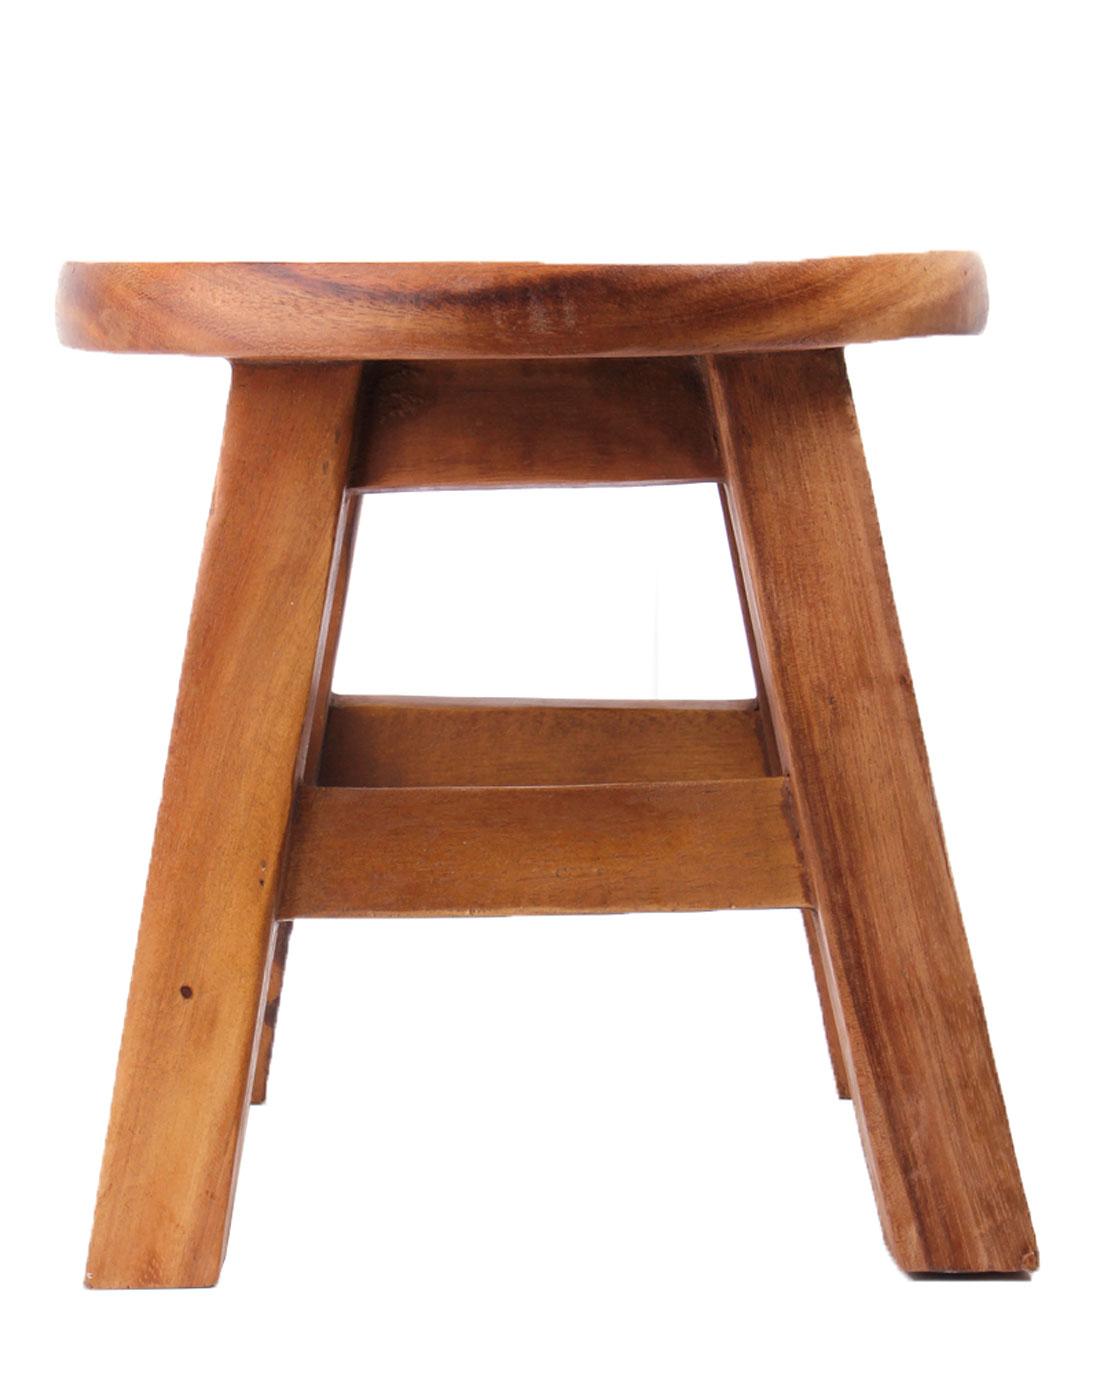 椅 椅子 桌子